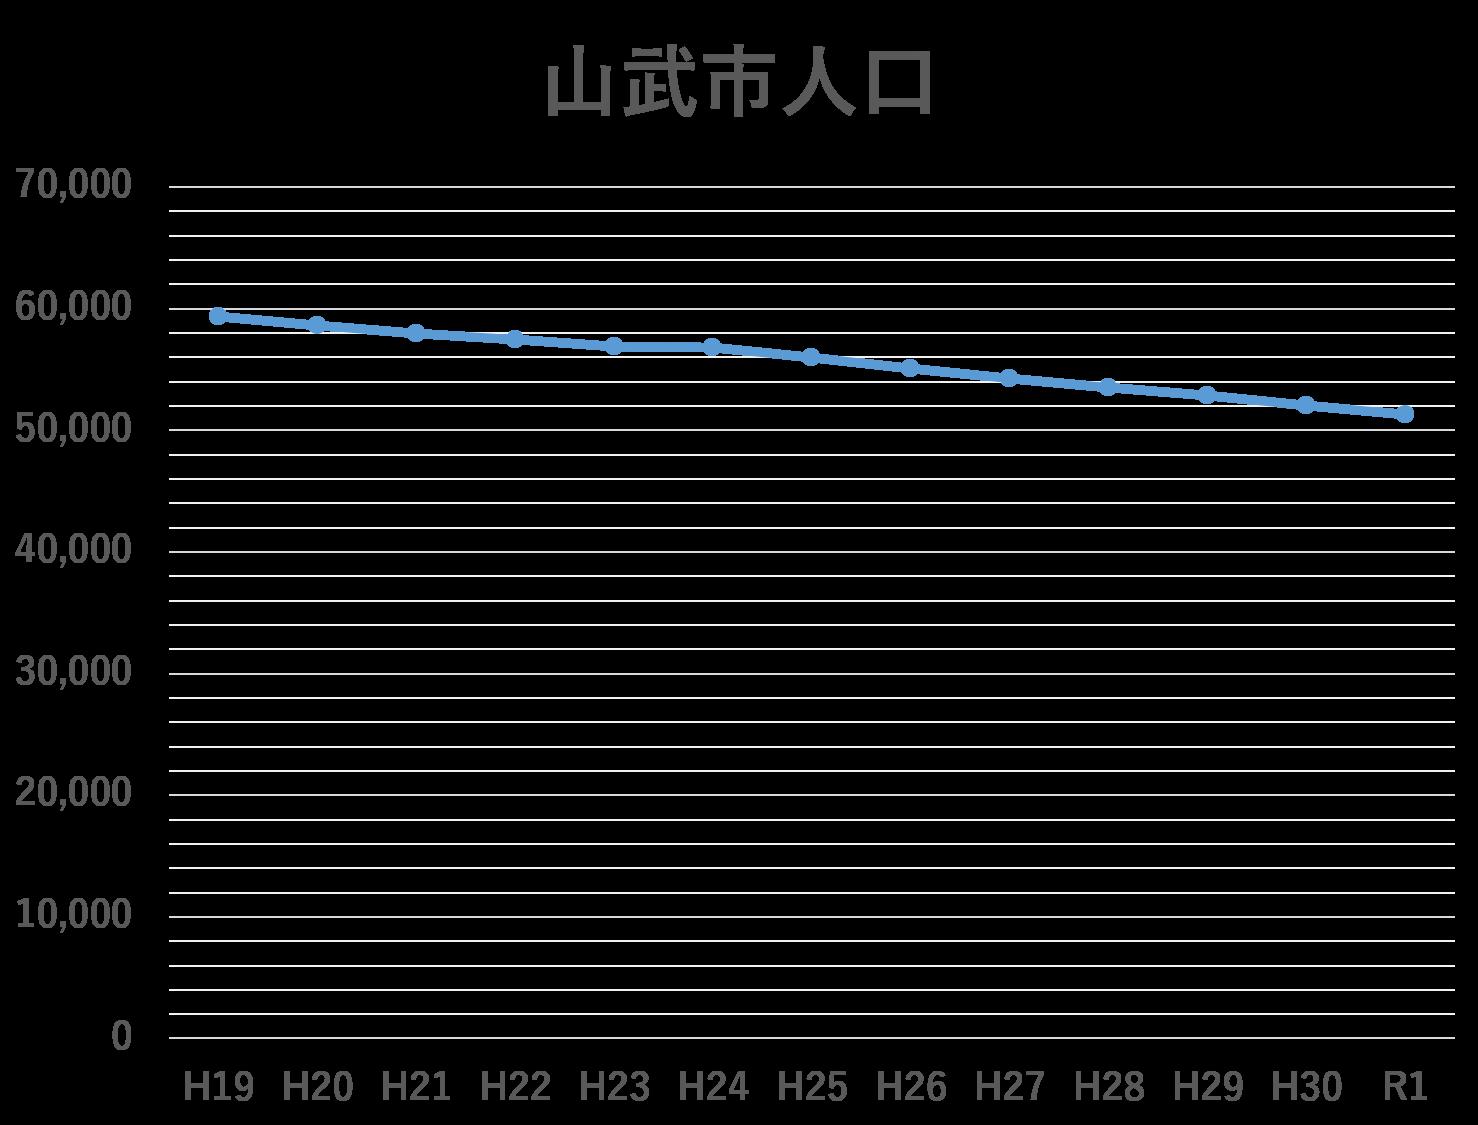 山武市の人口